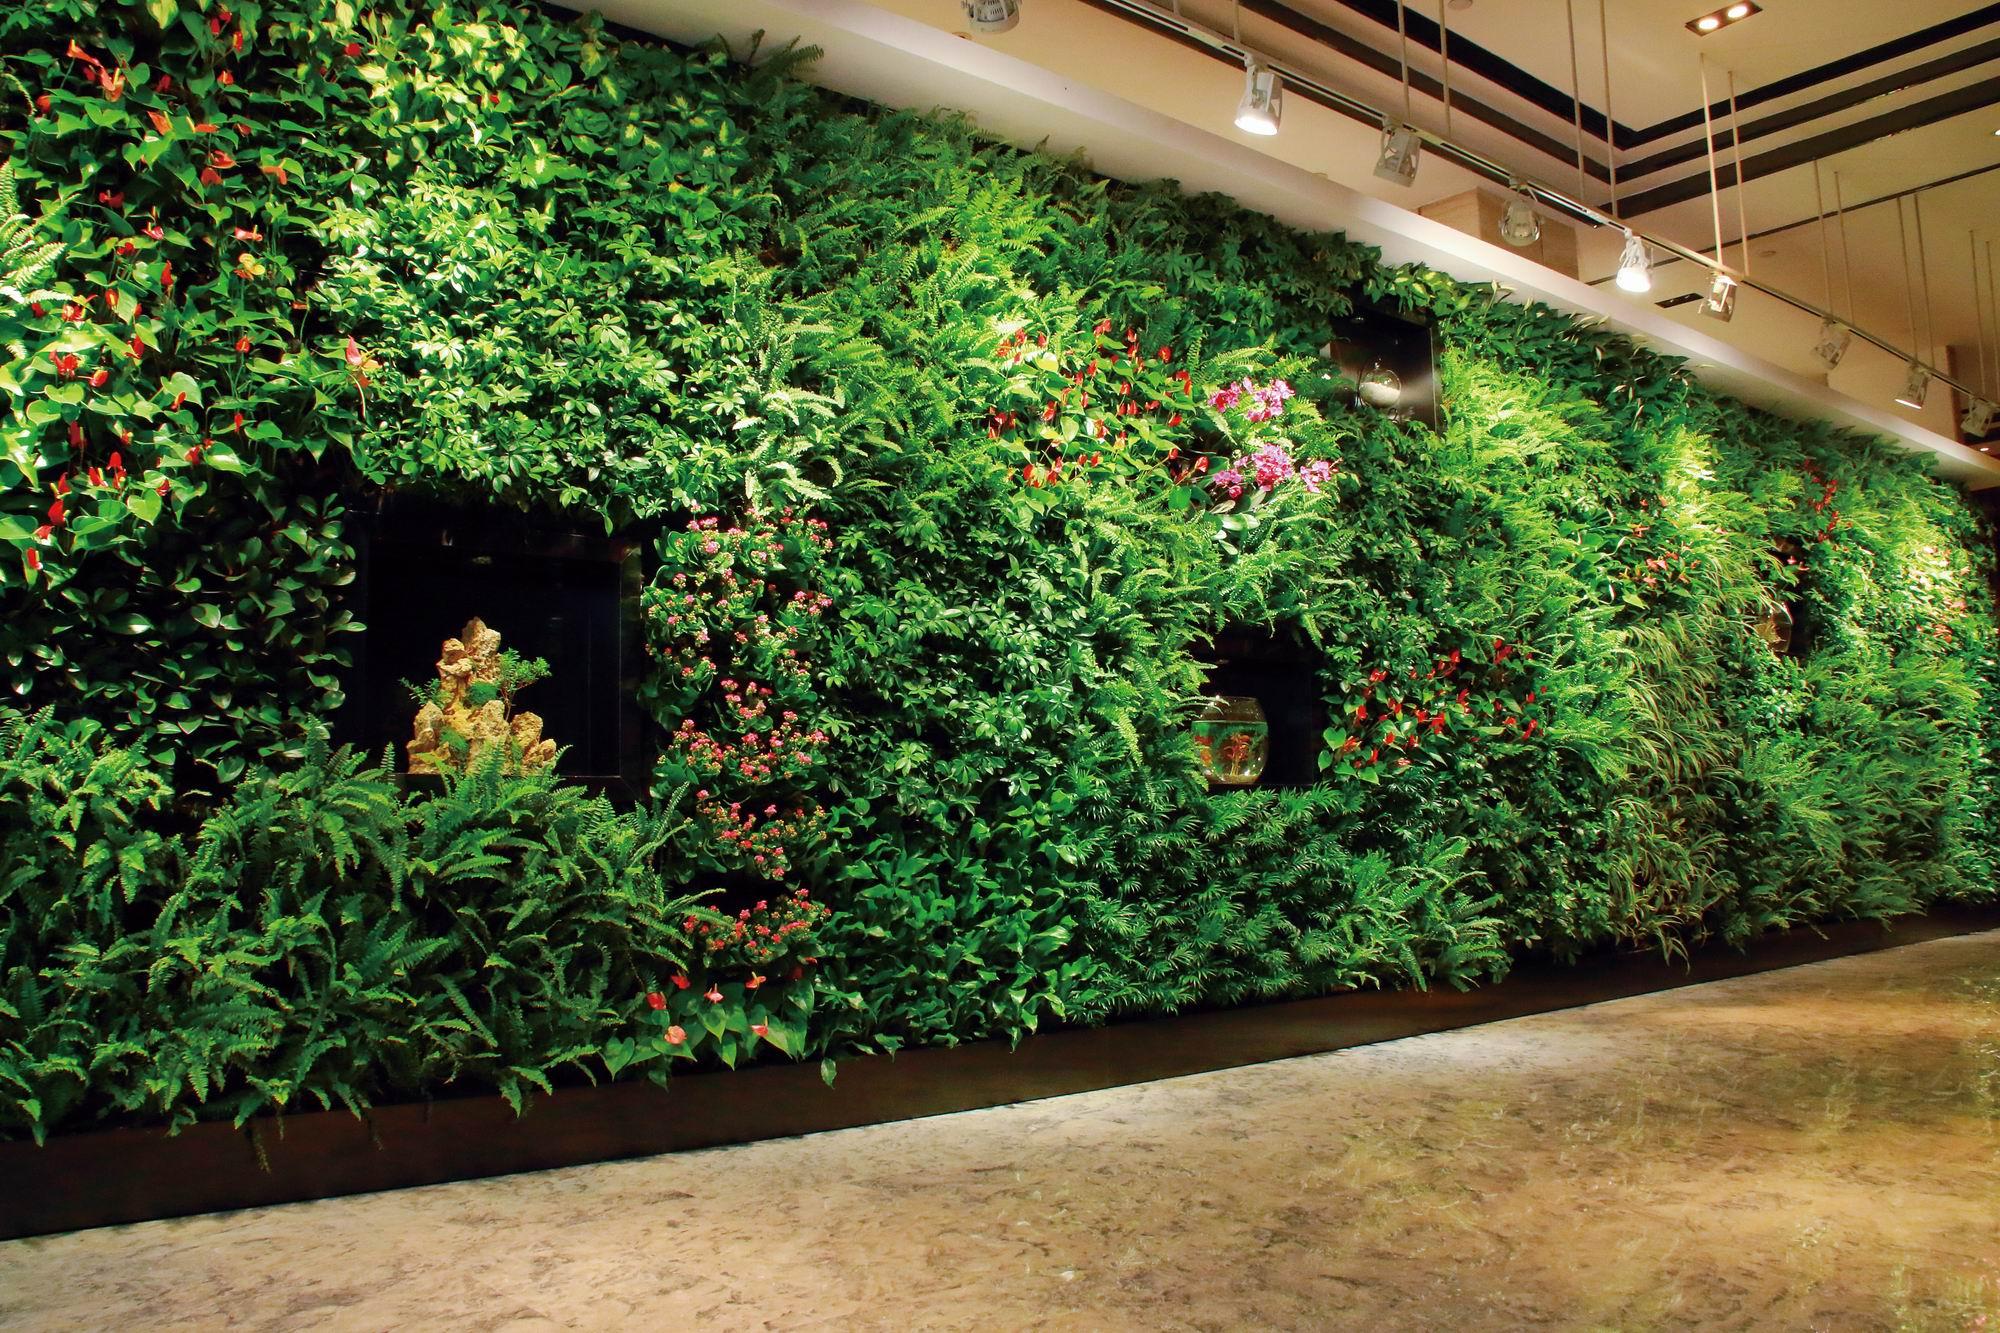 對于室外立體綠墻,應該怎么選擇植物?